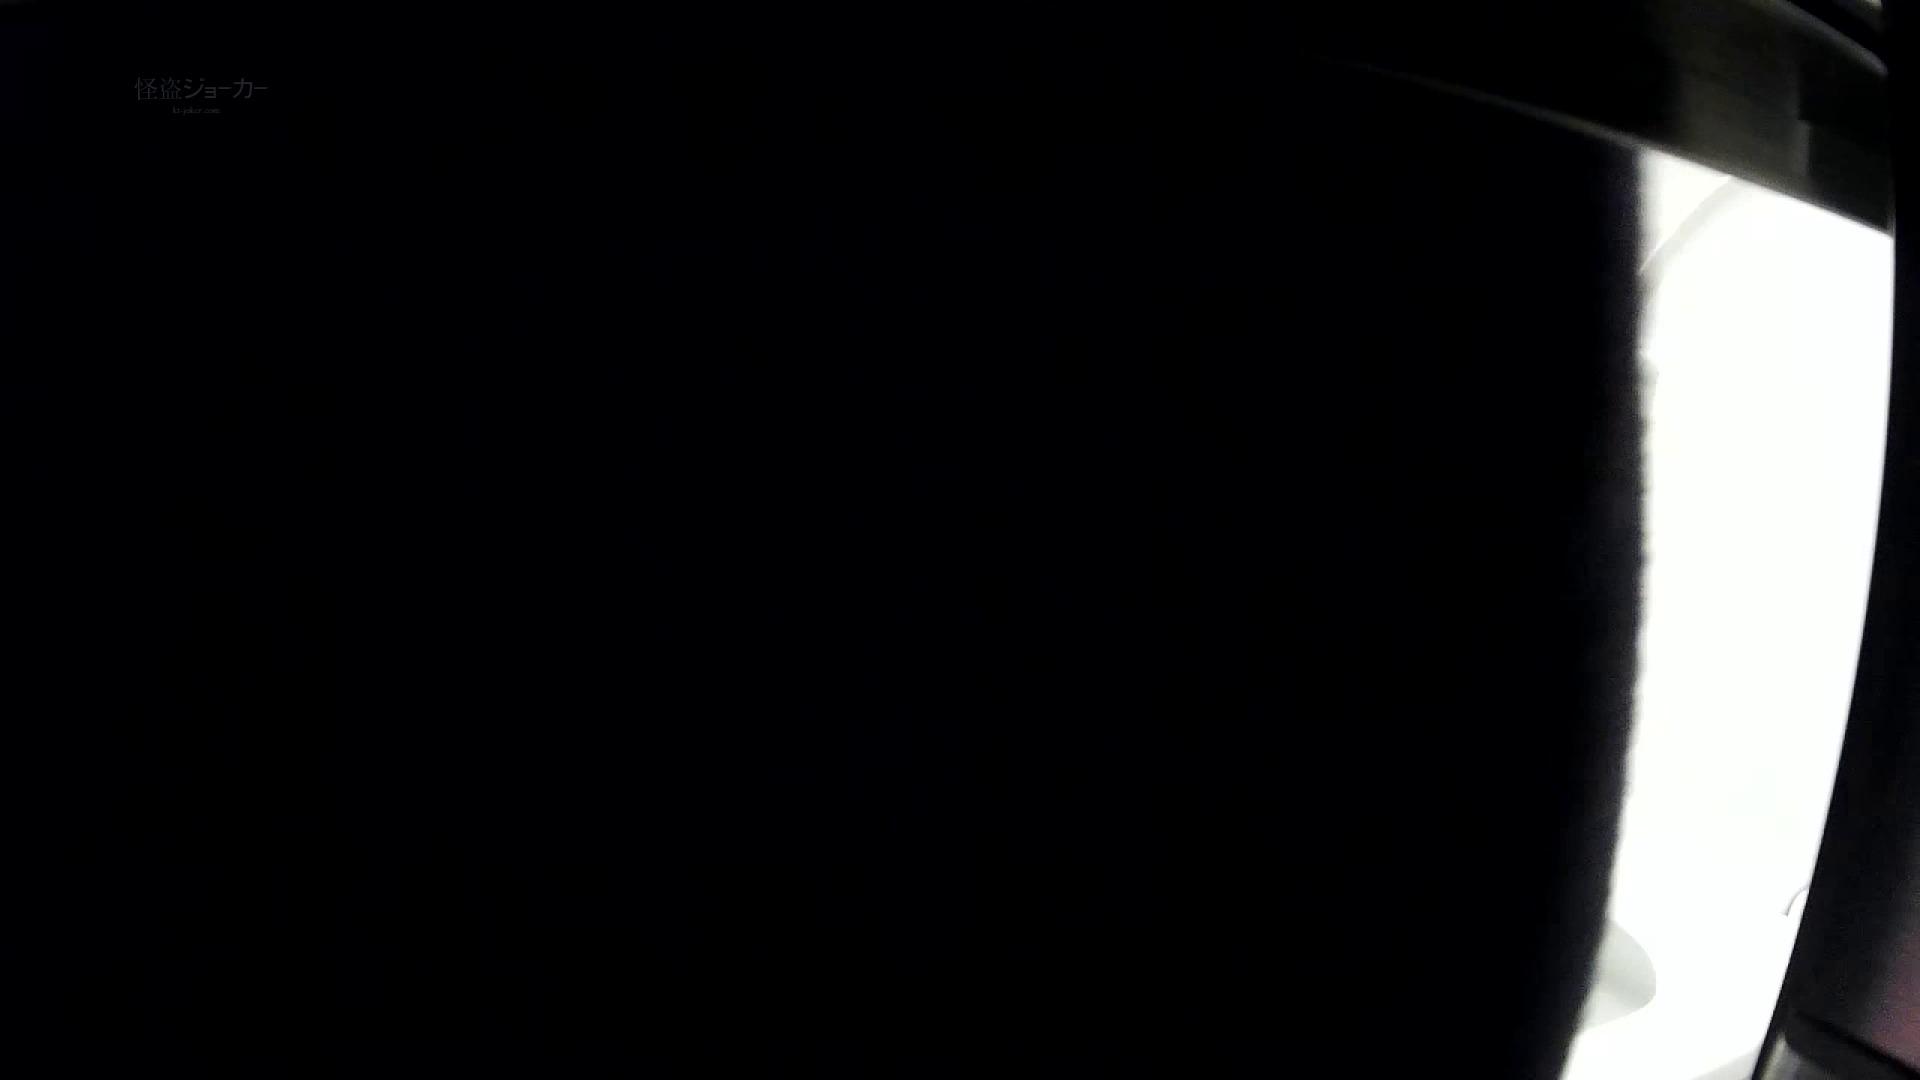 有名大学女性洗面所 vol.56 集まれもこもこ冬服美女!! 洗面所 性交動画流出 104PIX 37